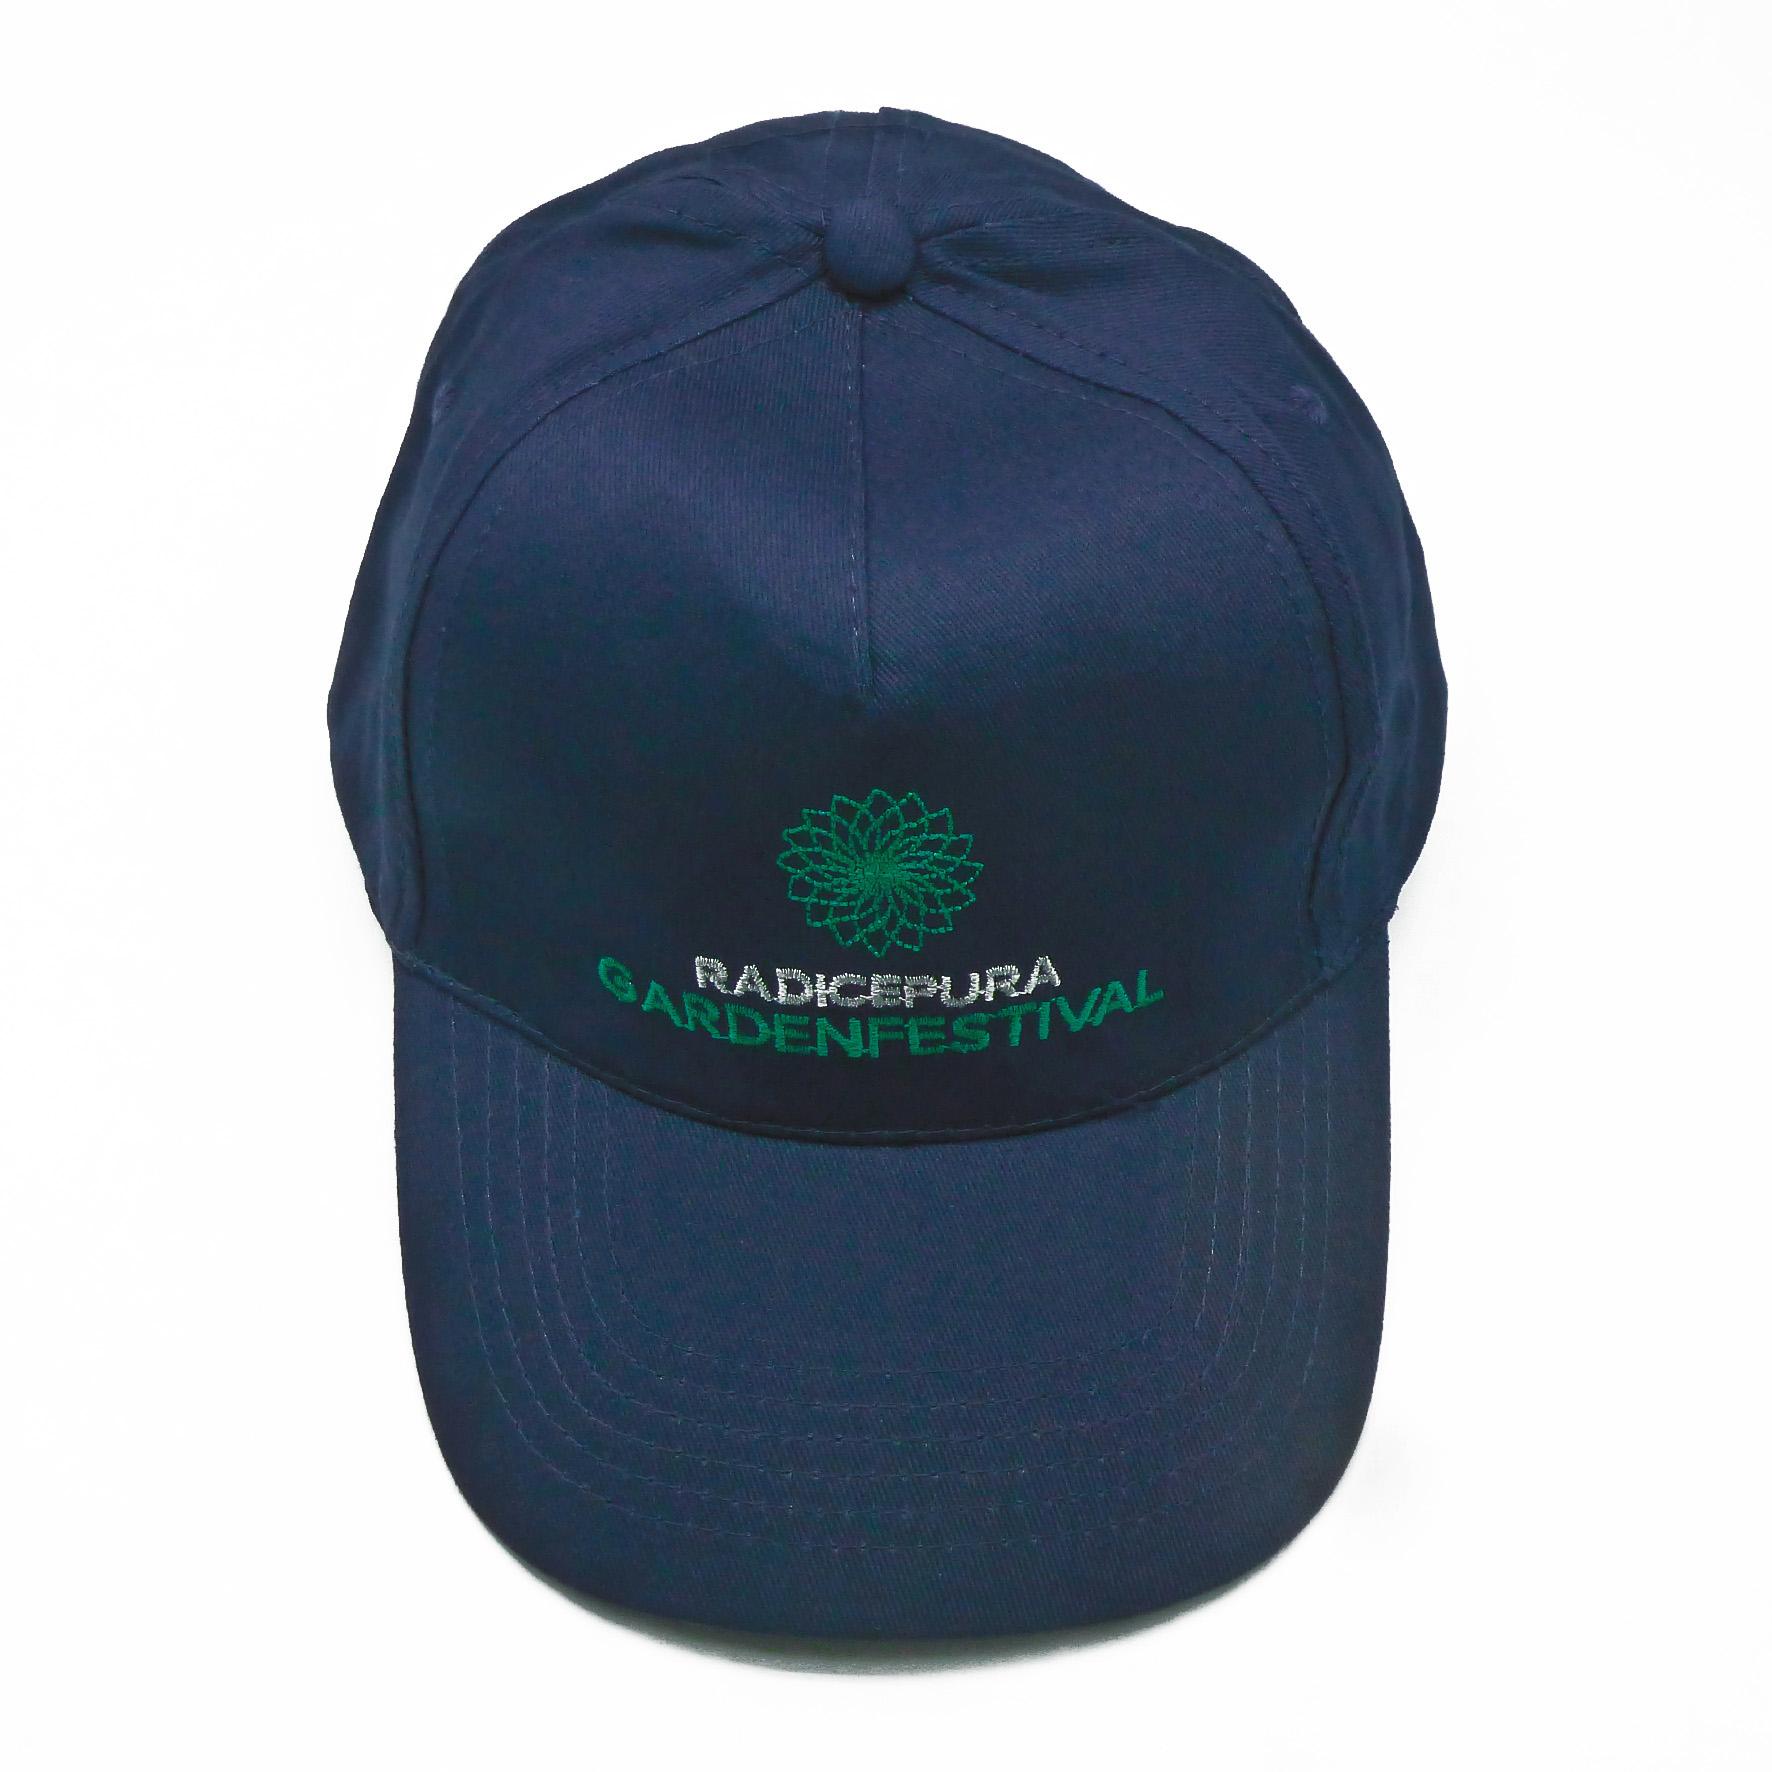 berretti personalizzati per il Garden festival